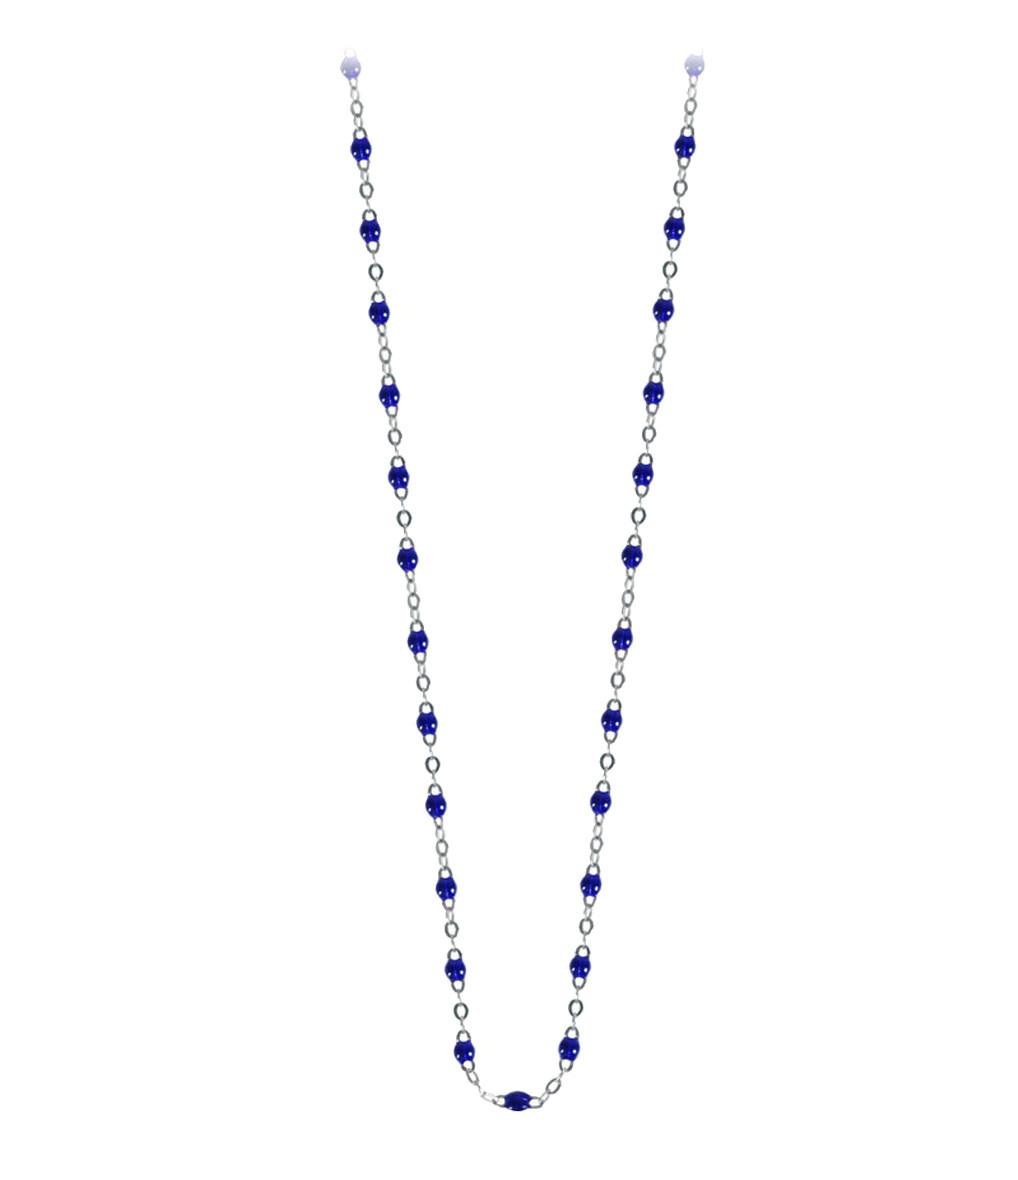 90804d8c6356c Collier Perles Résine Or 42cm - Gigi Clozeau